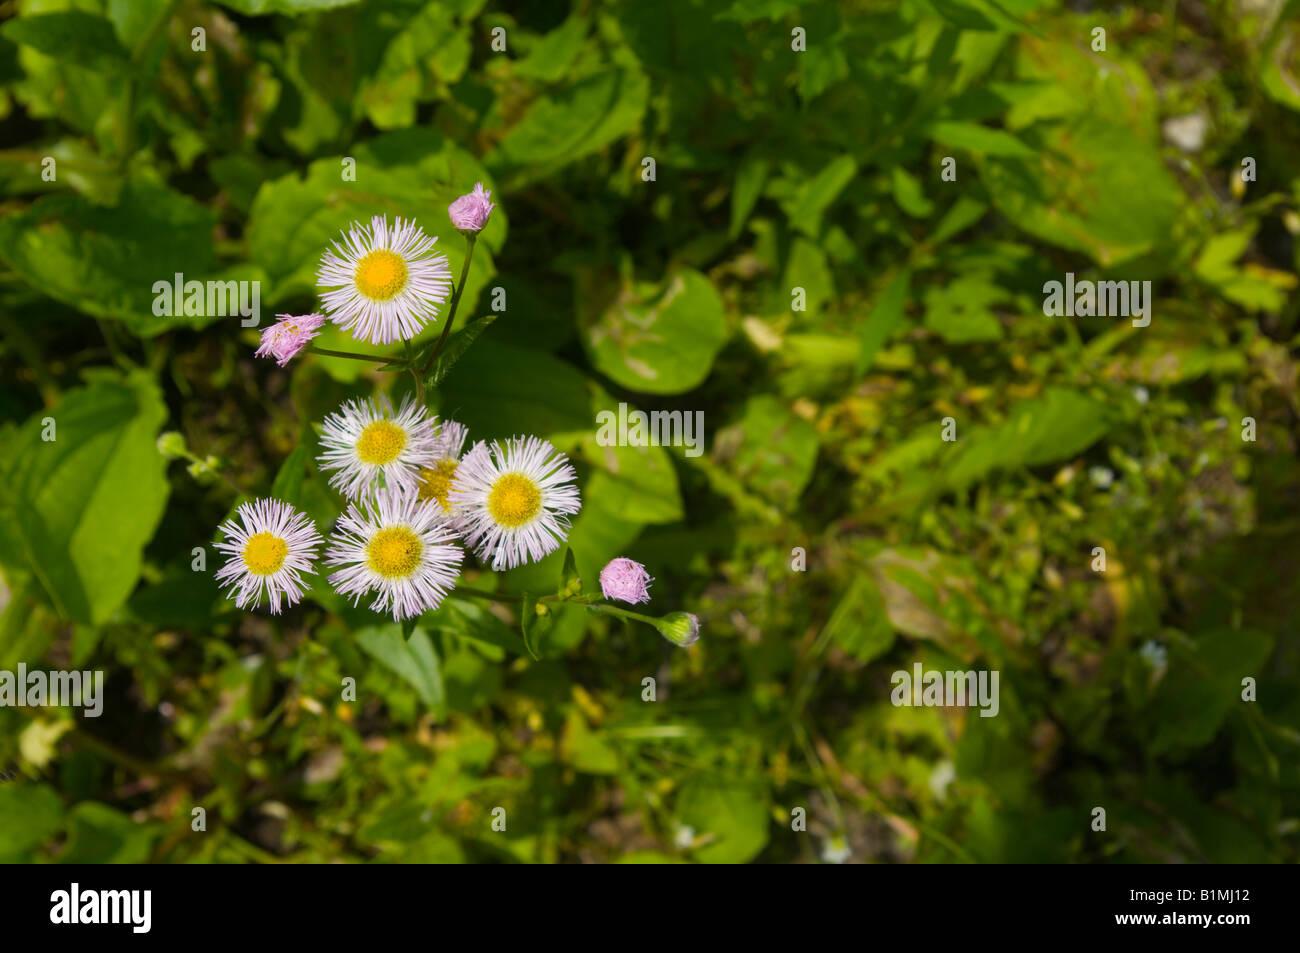 Gemeinsamen Berufkraut in voller Blüte mit teilweise offenen Blüten zeigen Unschärfe der Blätter Stockbild